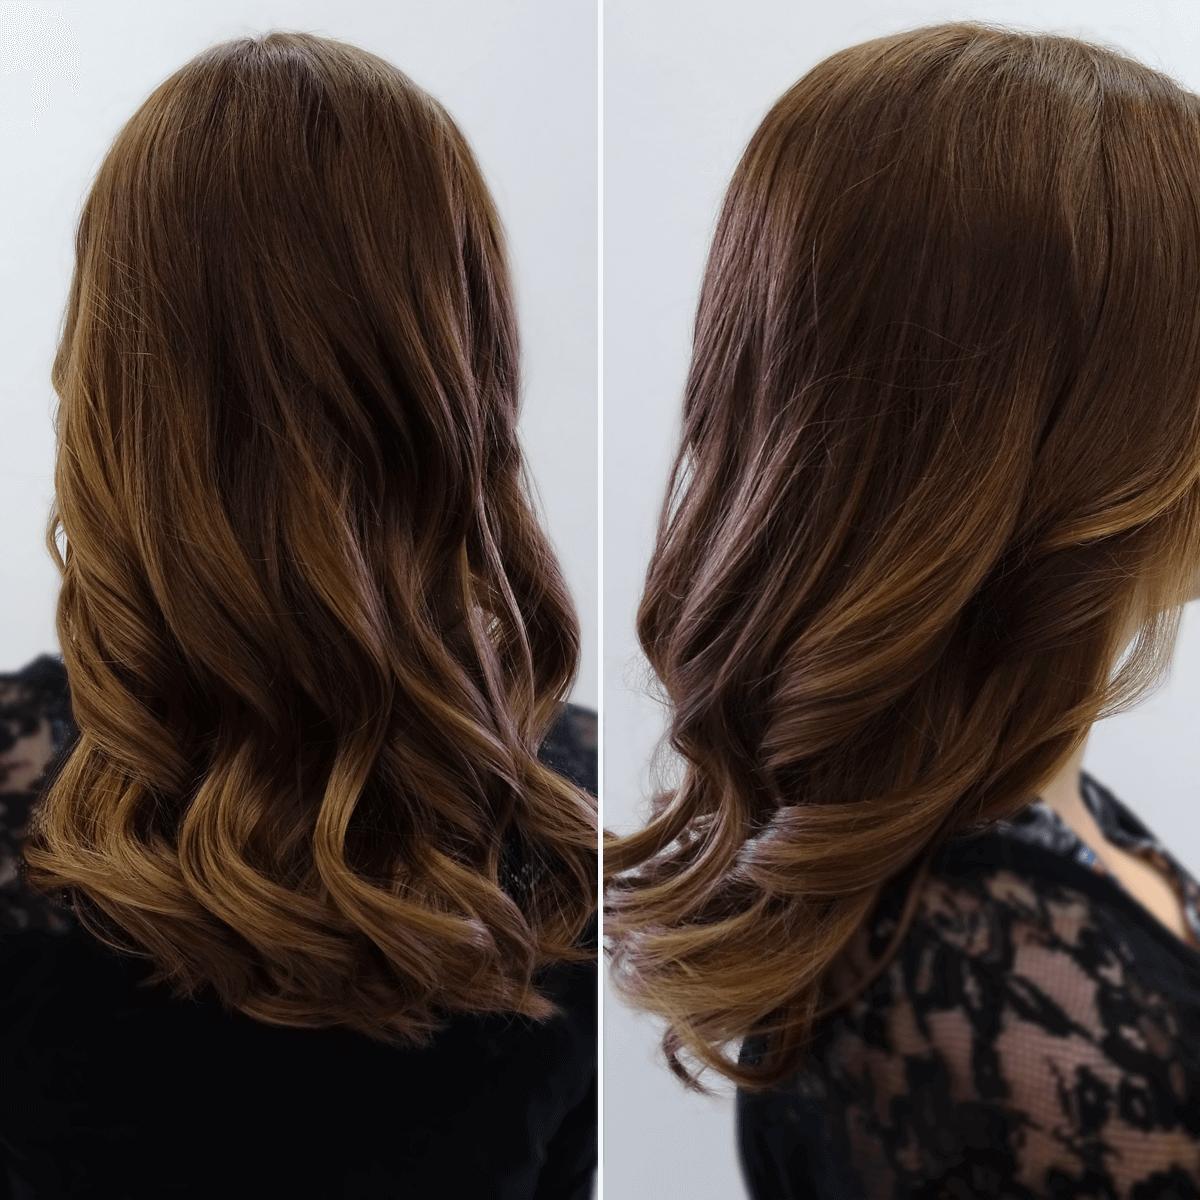 Guter Friseur In Essen Pavo Friseure Farbspiel Für Braunes Haar